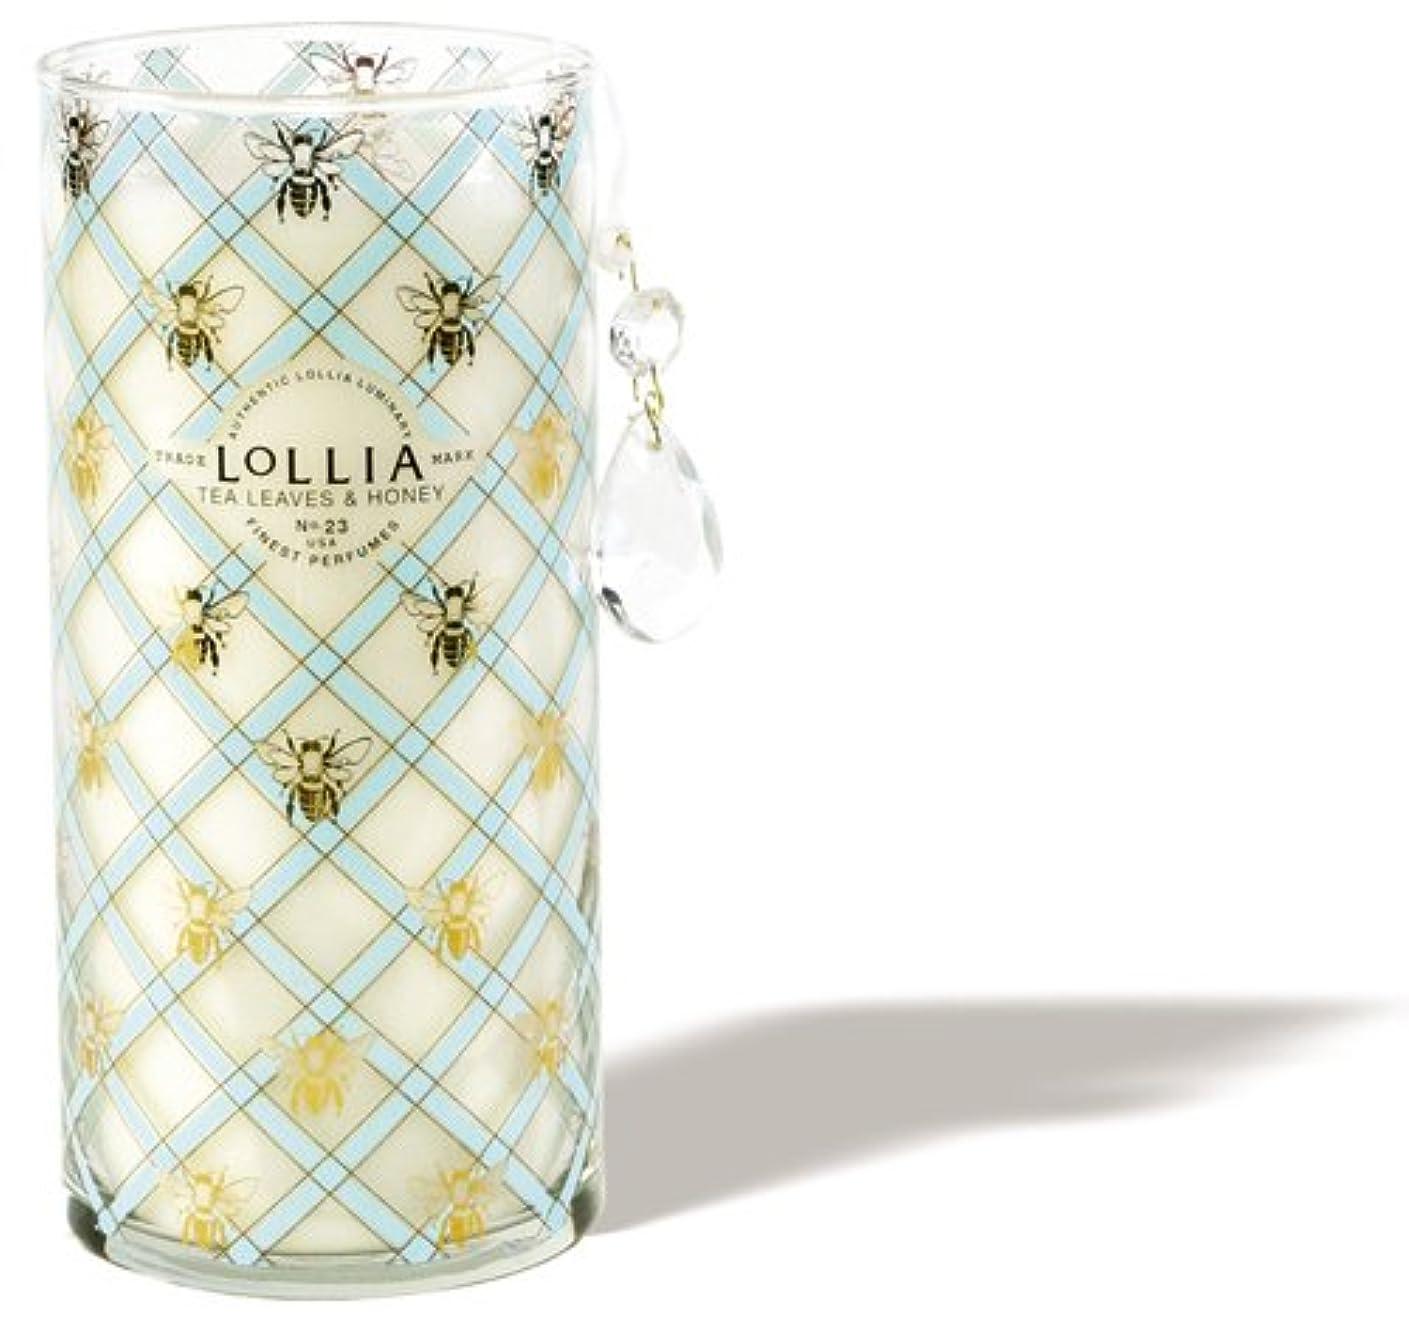 パパ憧れオーブンロリア(LoLLIA) トールパフュームドルミナリー790g Wish(チャーム付キャンドル ティーリーフ&ハニーの香り)